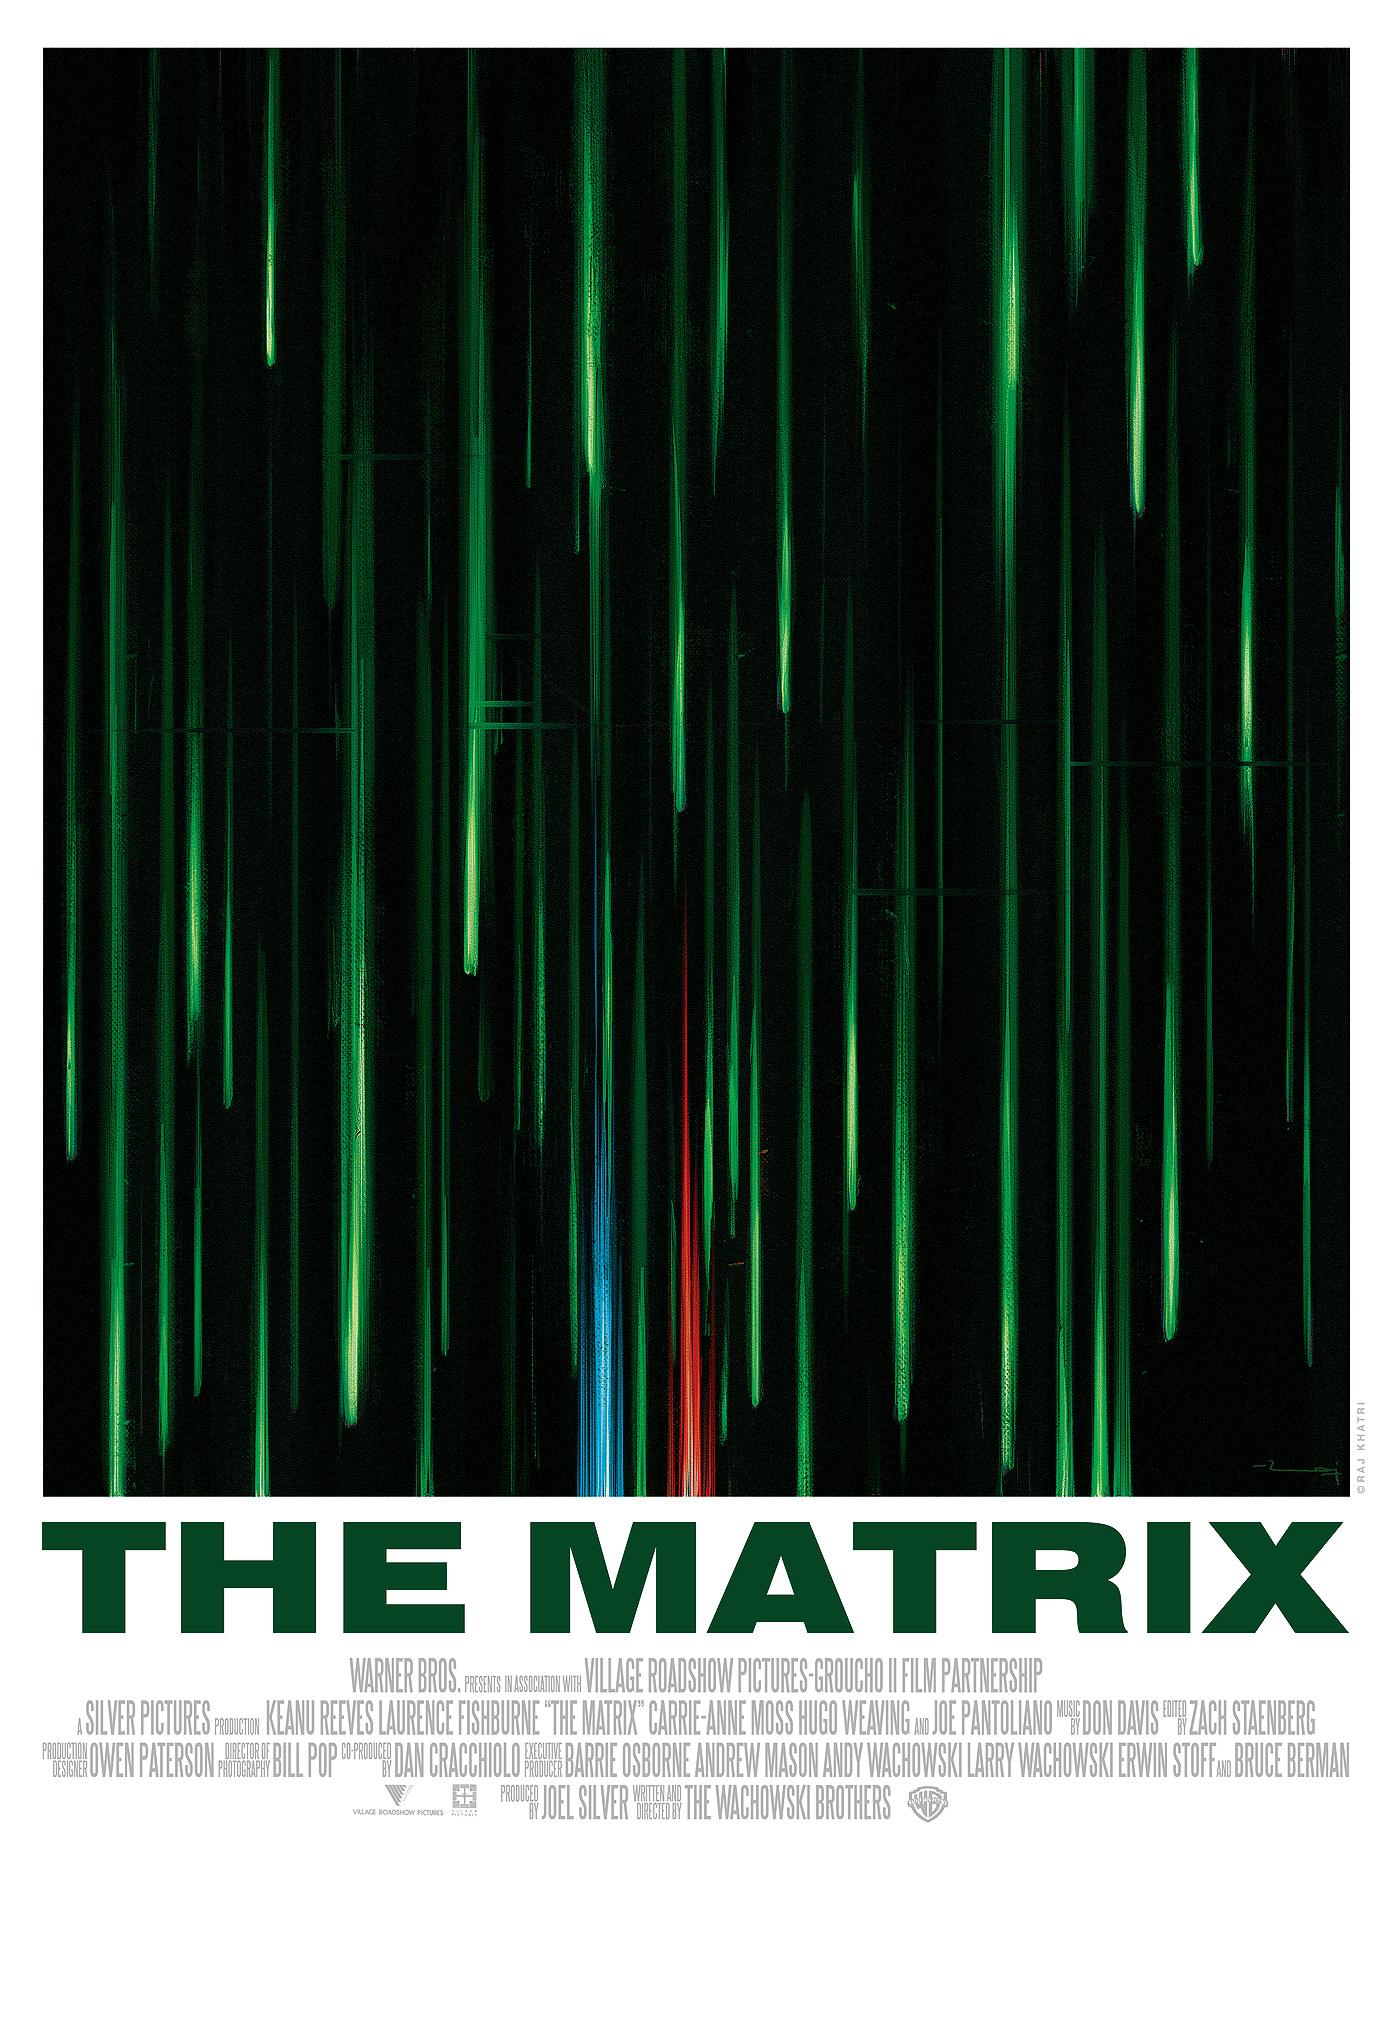 9matrix (1)